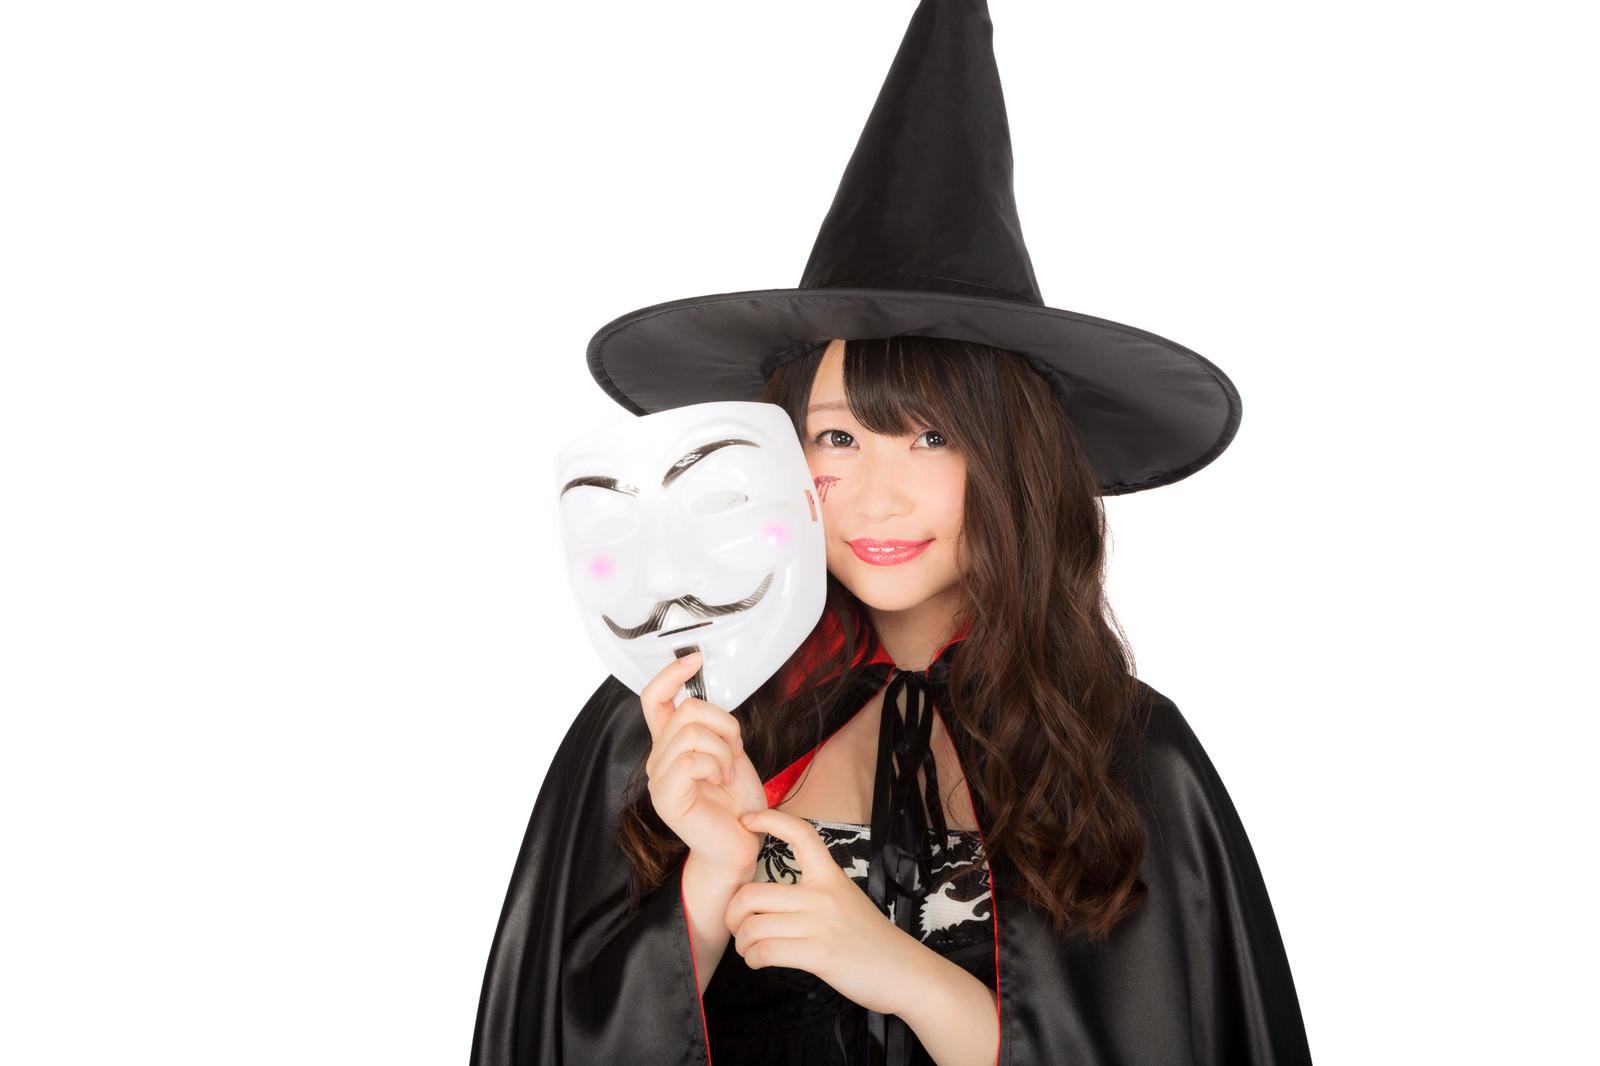 「ハロウィンの仮装イベントに匿名で参加した魔女ハロウィンの仮装イベントに匿名で参加した魔女」[モデル:茜さや]のフリー写真素材を拡大